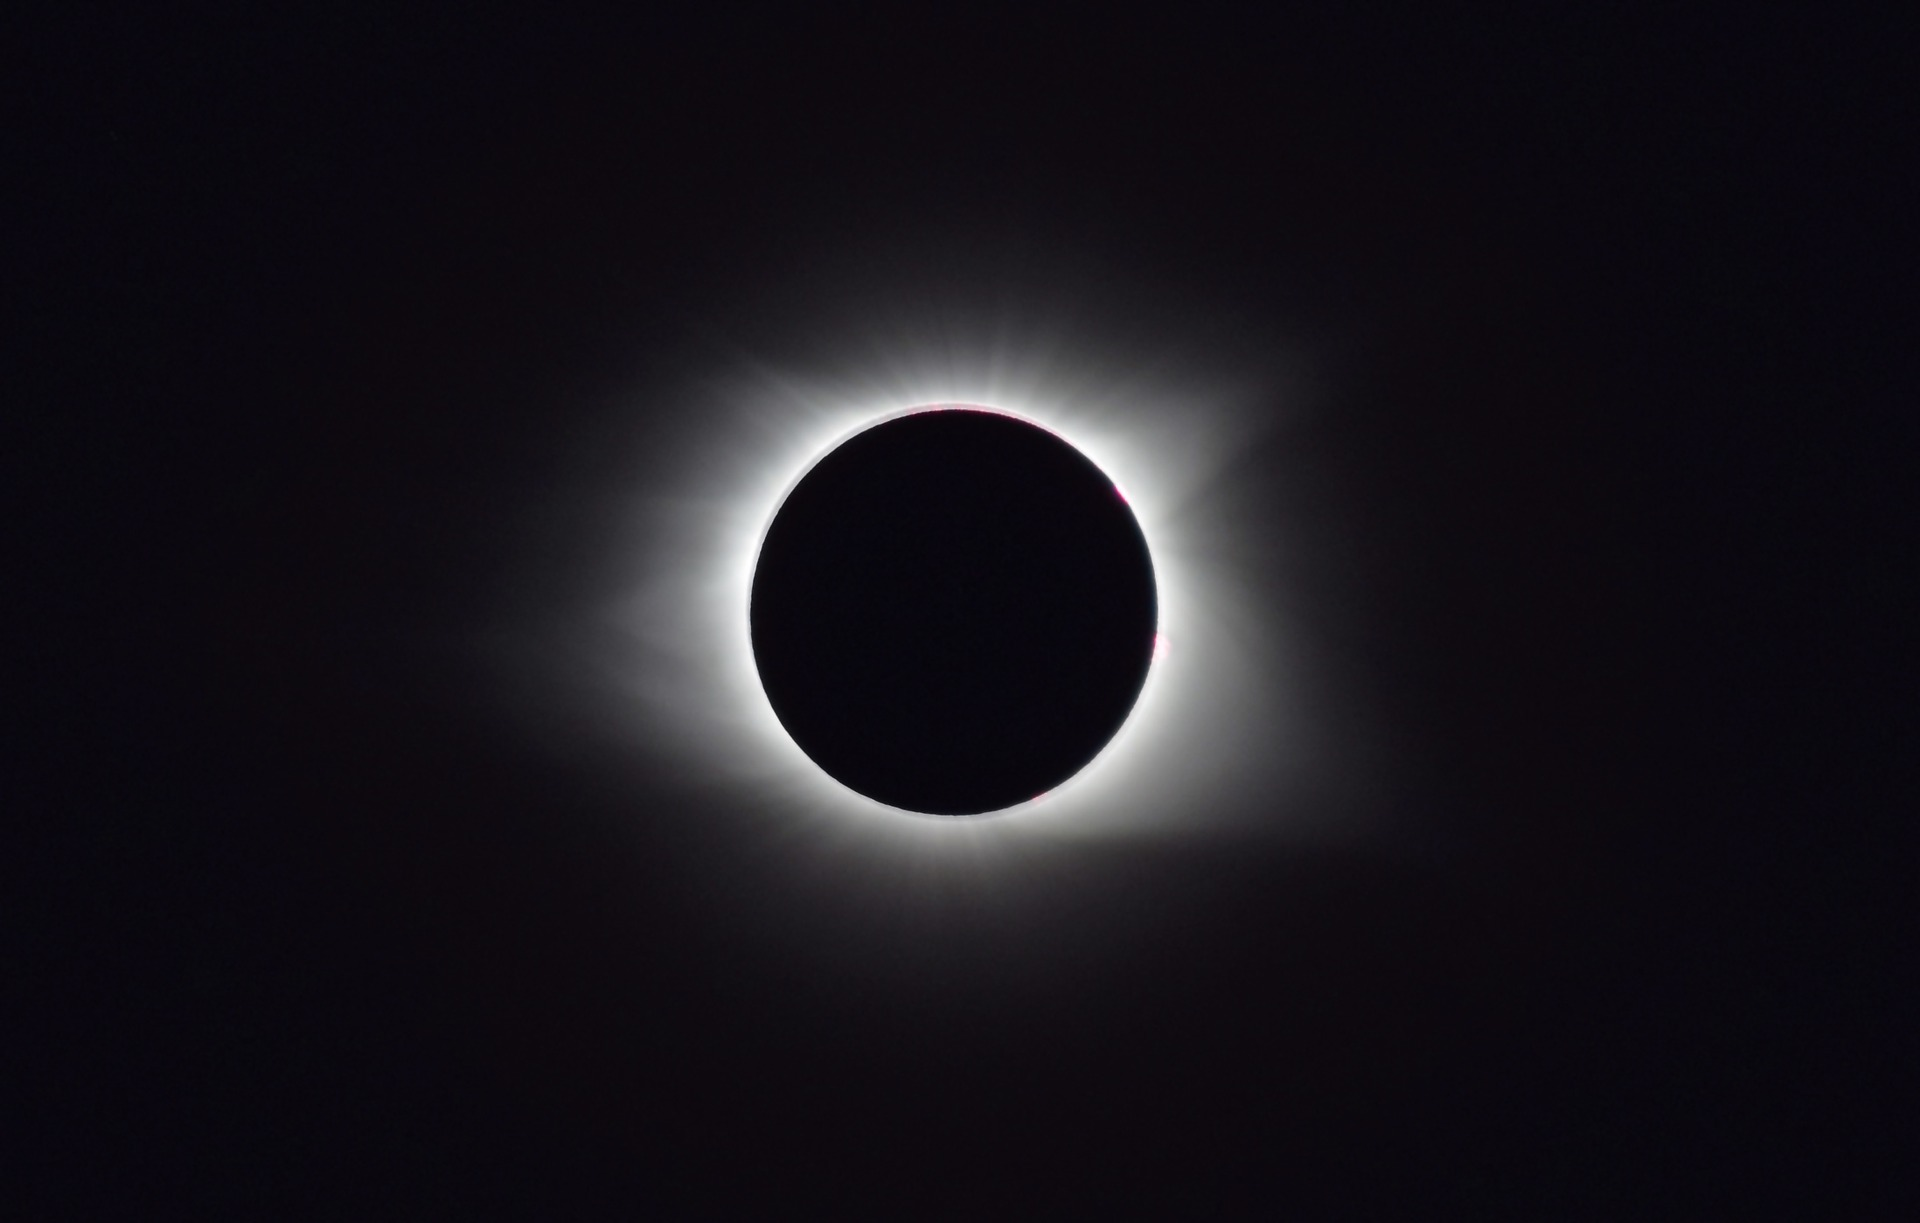 Obserwatorium Astronomiczne UAM pomoże w oglądaniu zaćmienia Słońca